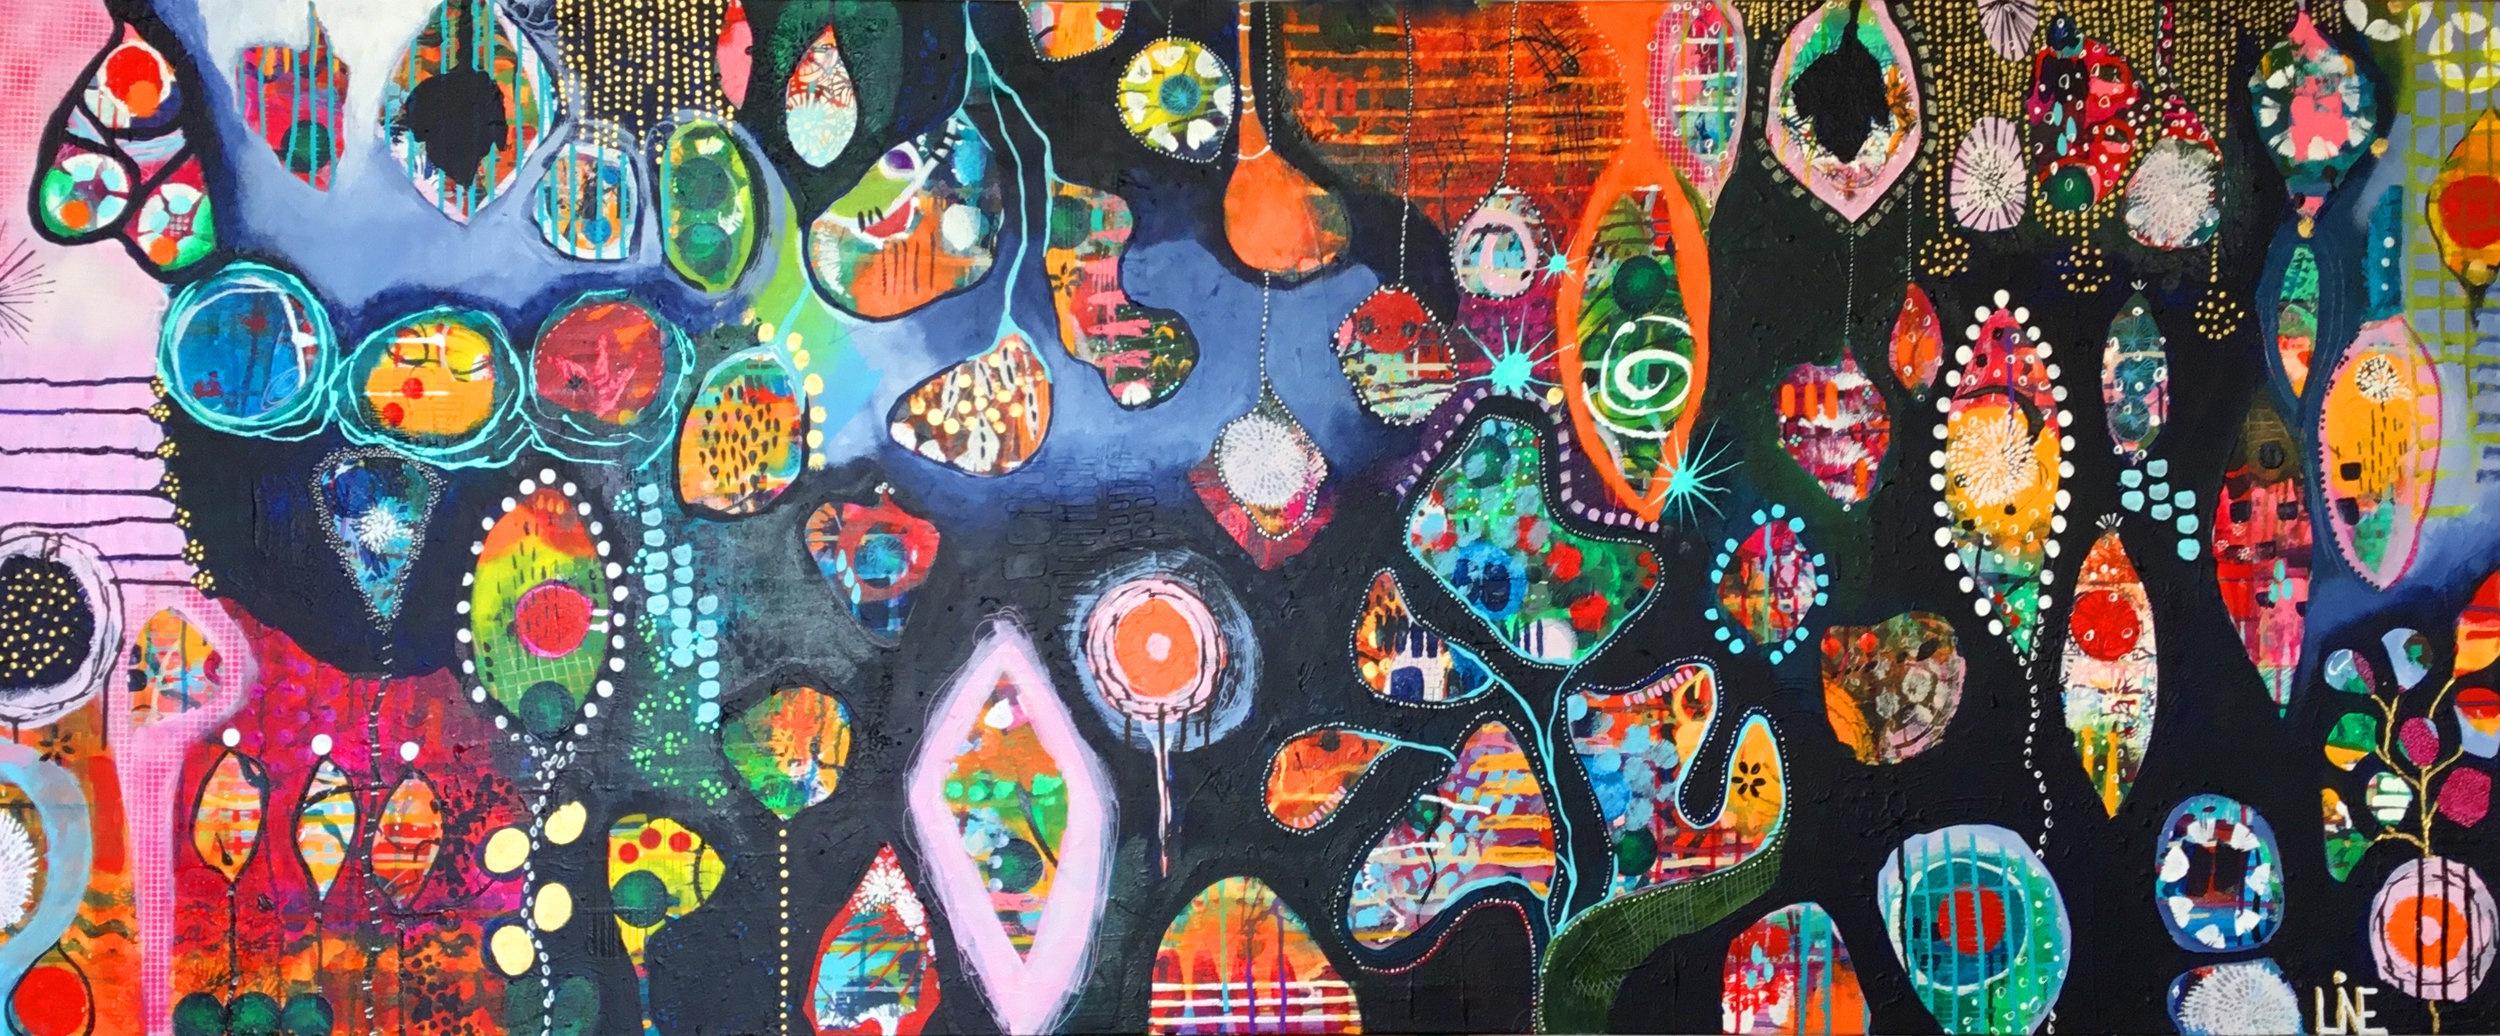 Meadow 200 x 80 cm Acrylic on canvas